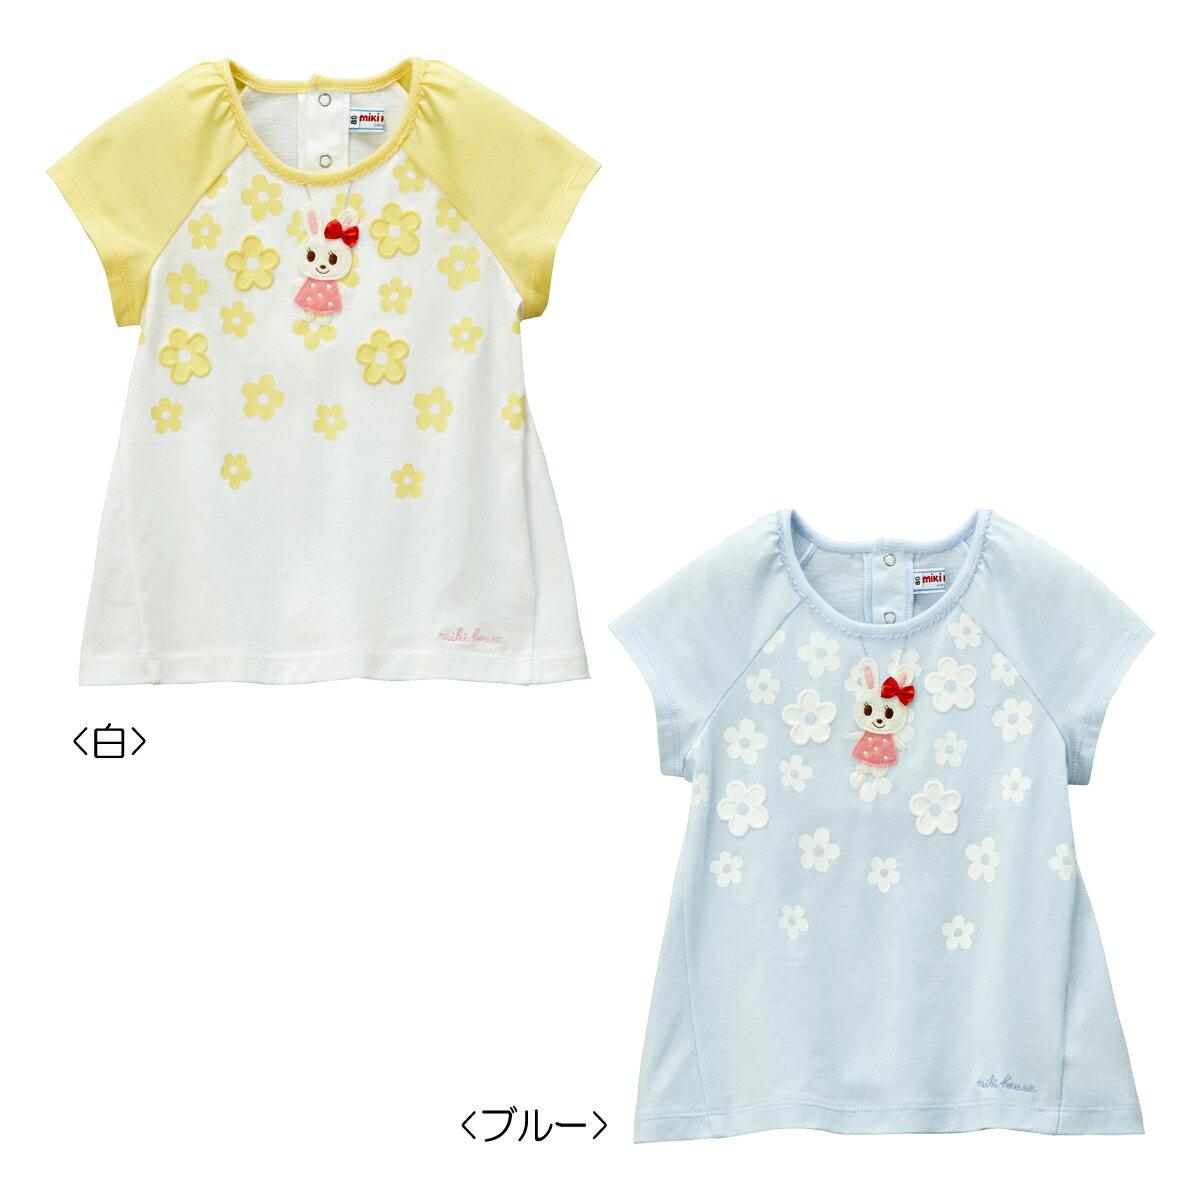 公式ショップ【ミキハウス】ネックレスモチーフ♪うさこ半袖Tシャツ(120cm)